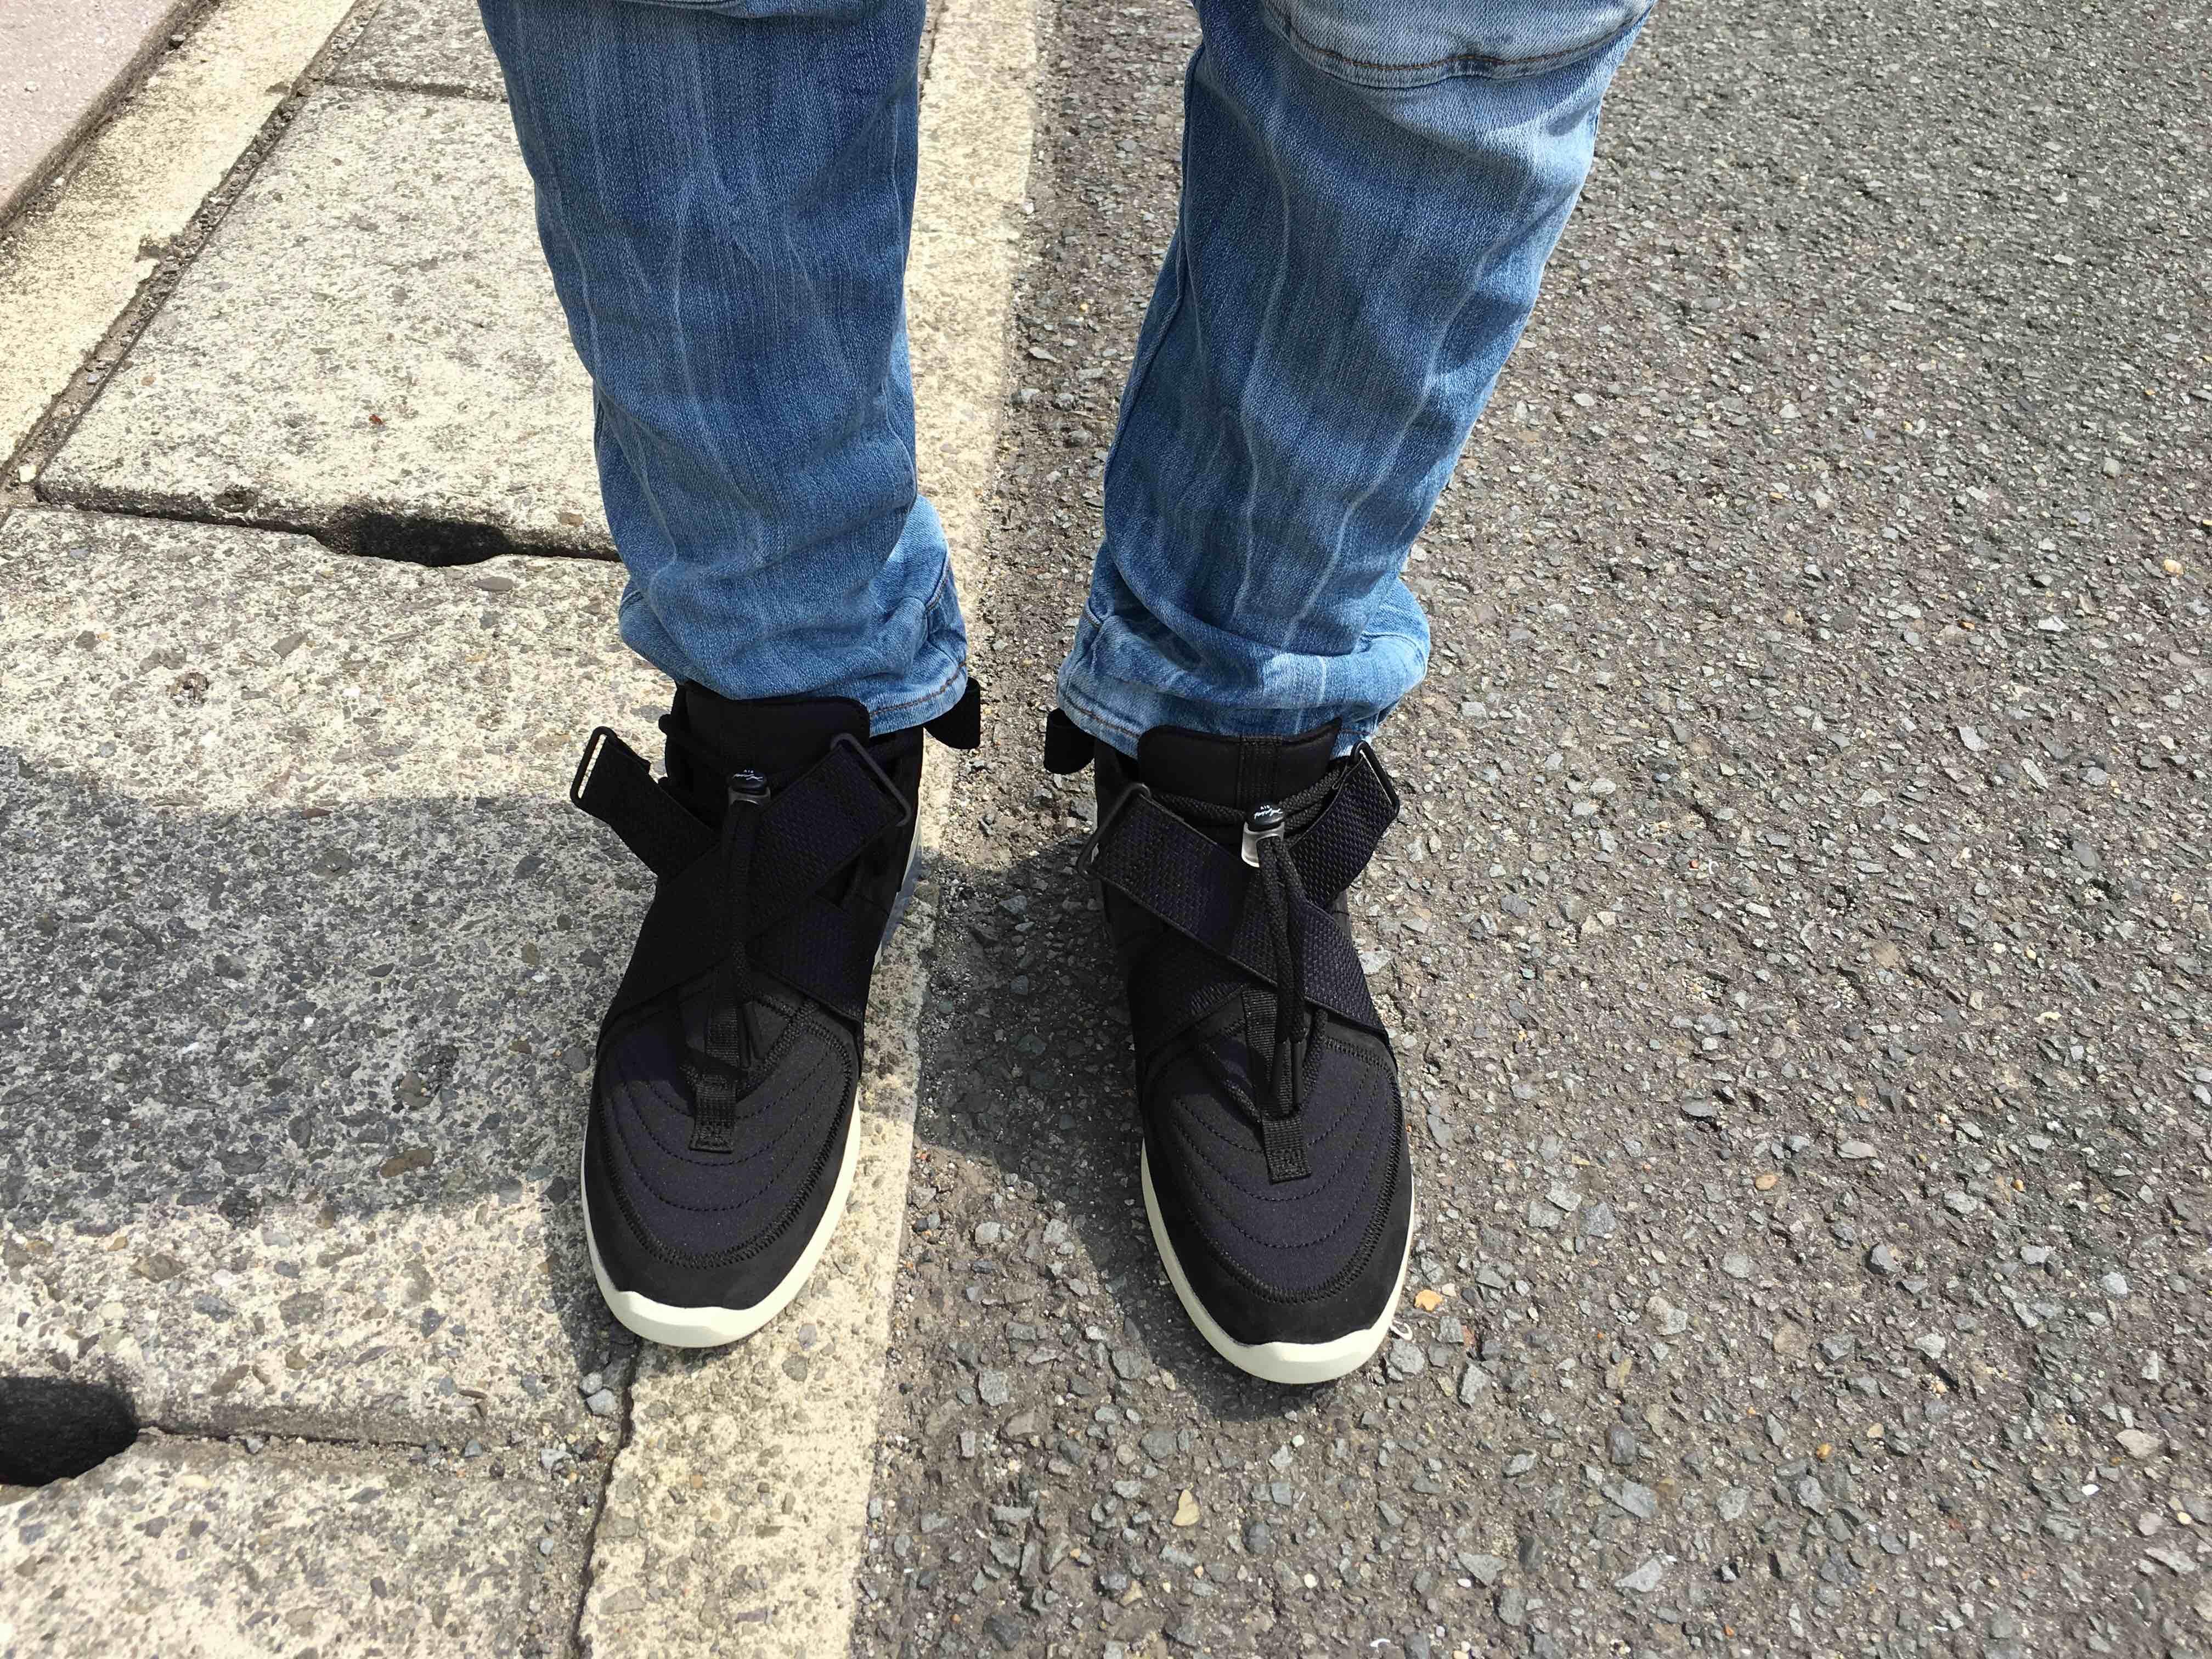 初履き! サイズ感は普通でよく聞く履きにくさもシューレースを緩めてベルトも外し